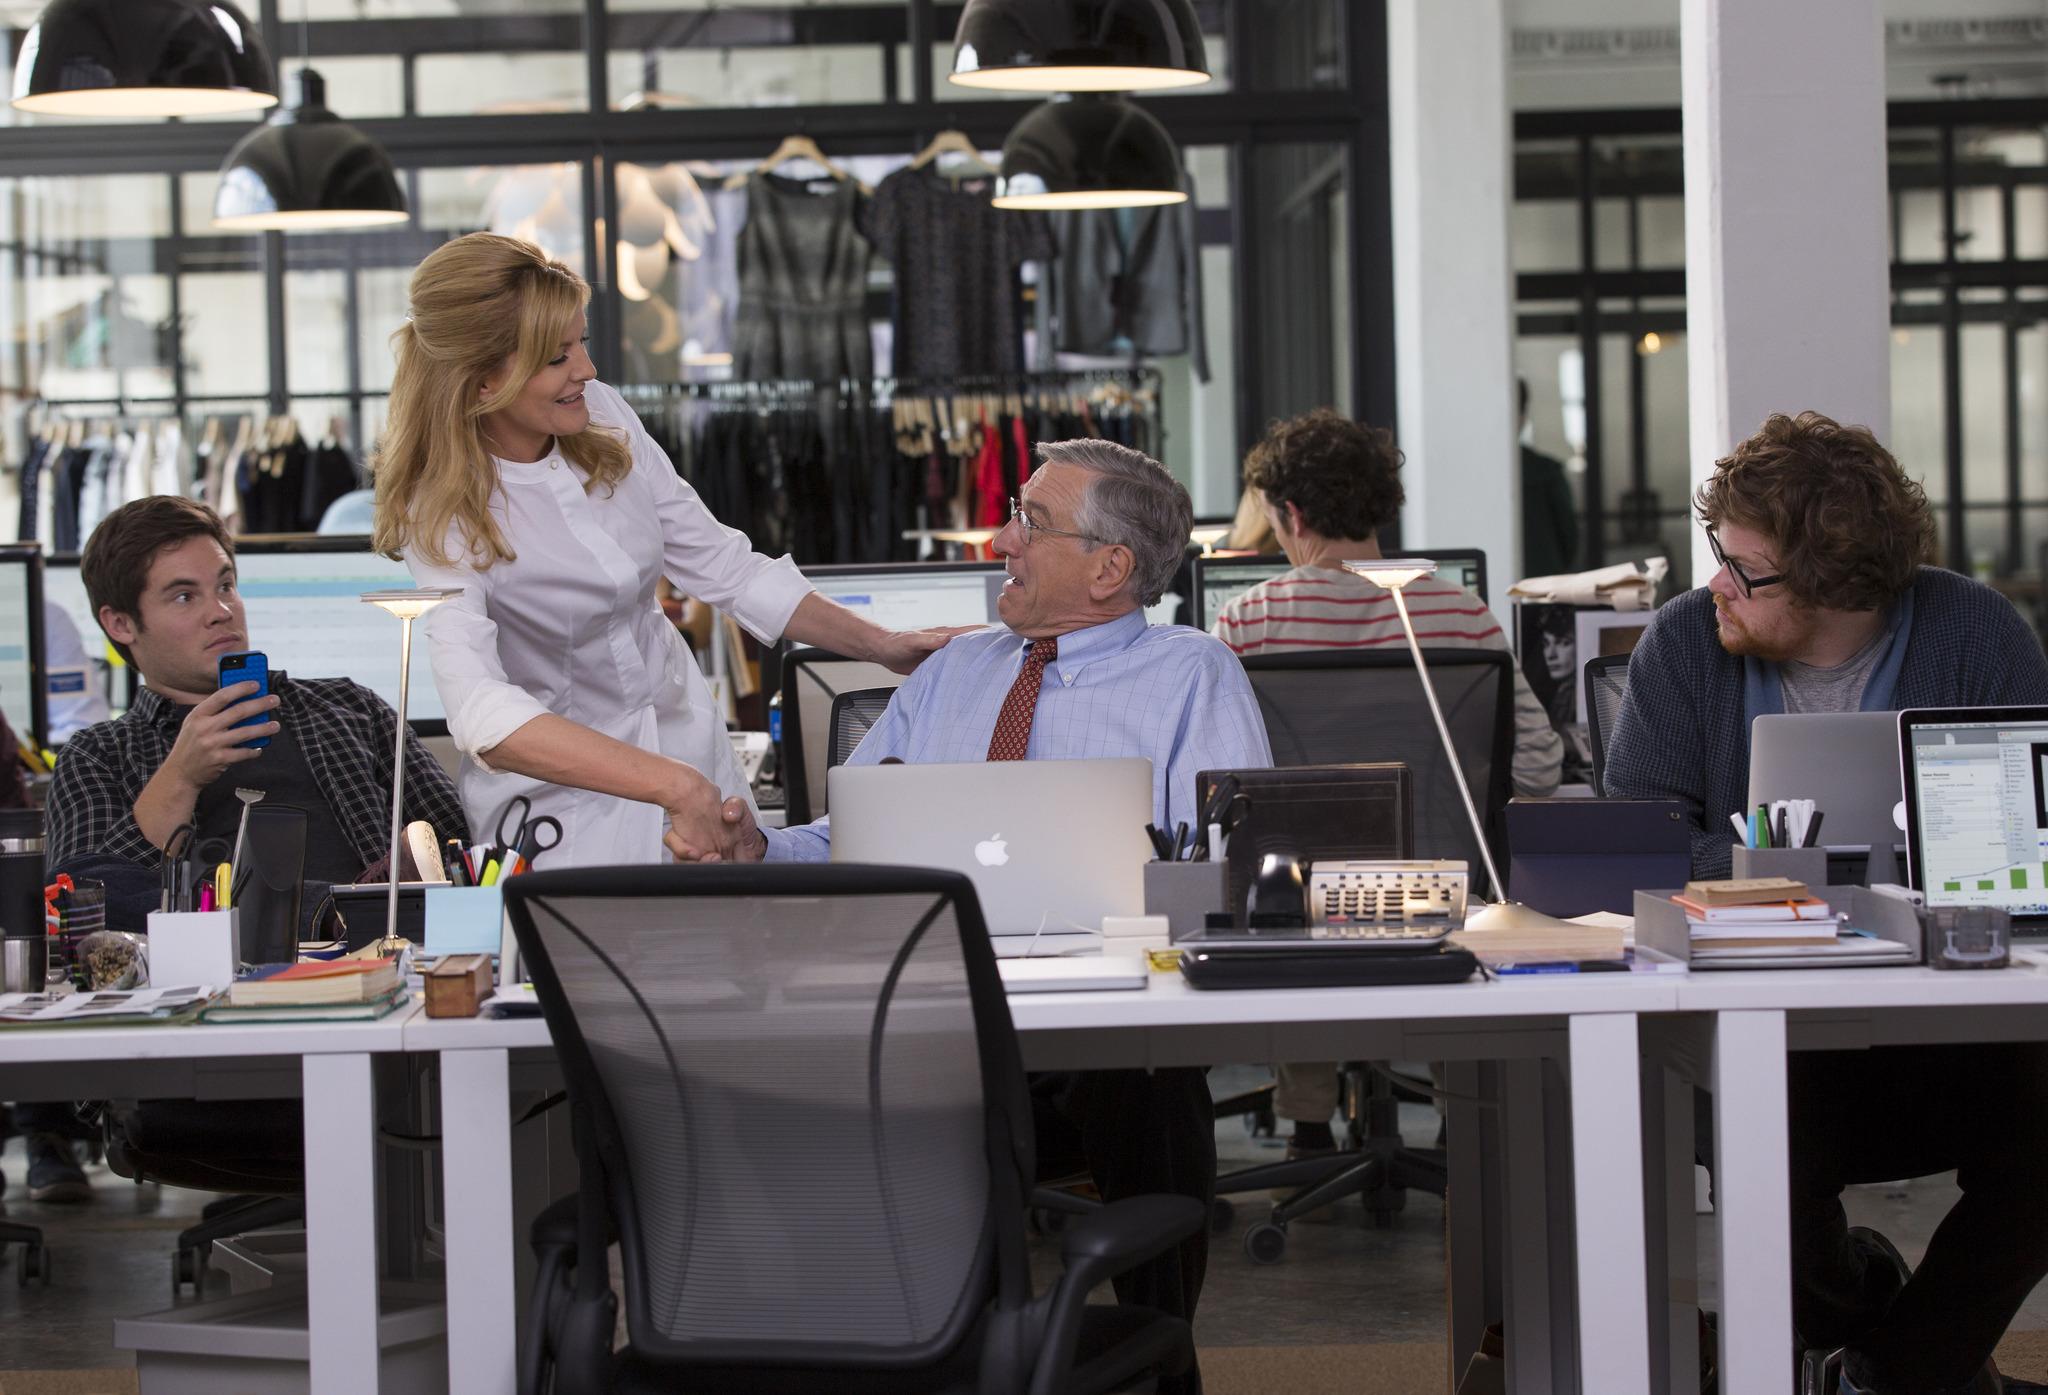 Robert De Niro, Rene Russo, Adam Devine, and Zack Pearlman in The Intern (2015)